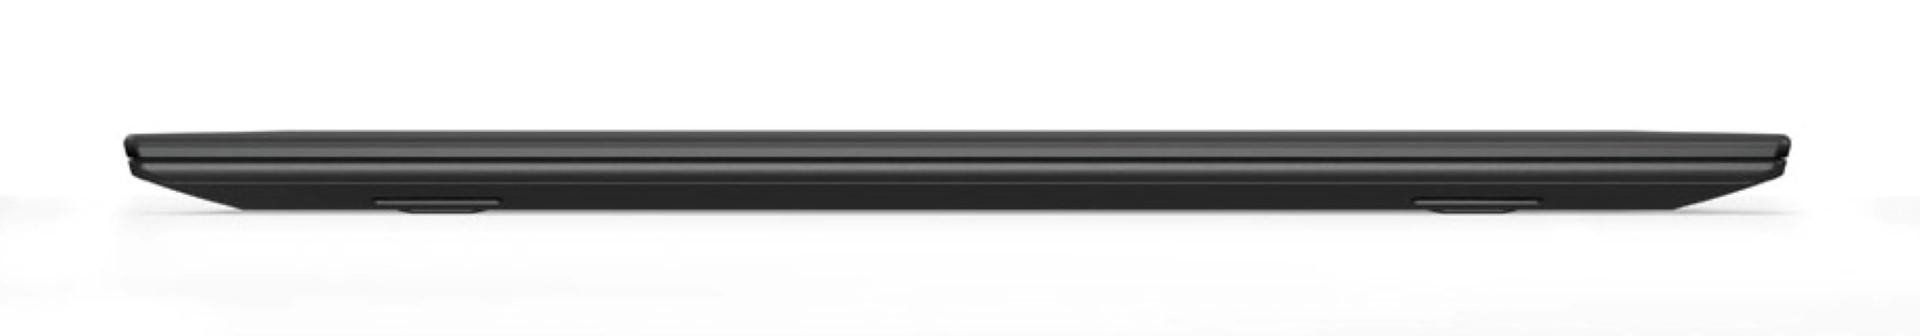 Laptop Lenovo ThinkPad X1 Carbon 6th, 14.0 FHD (1920x1080) IPS, Anti- Glare, Non-Touch